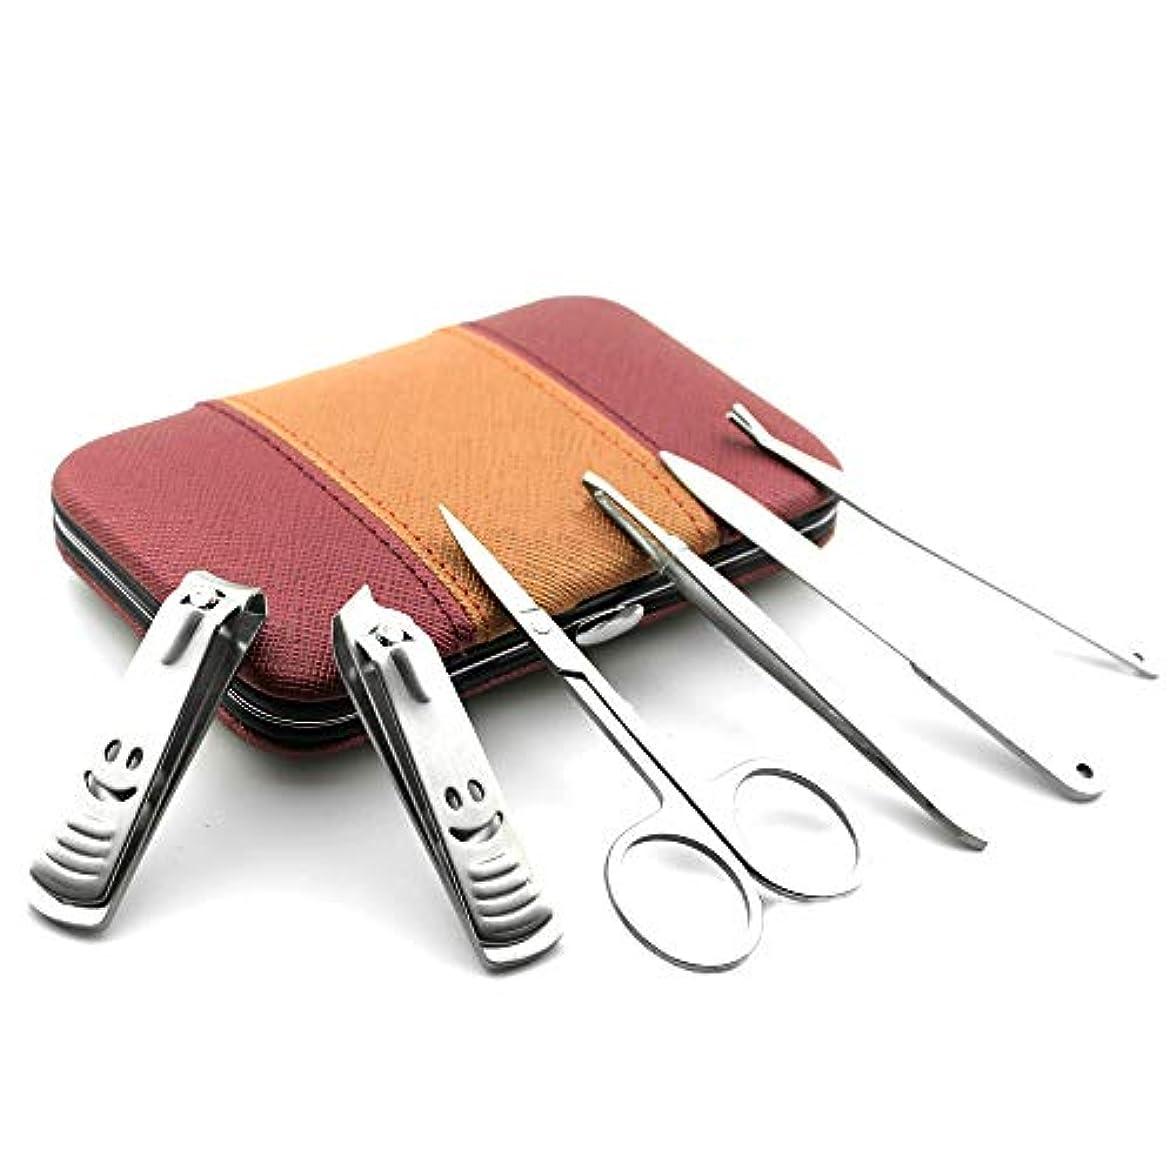 暴動間違い依存爪切りセット多機能 美容セット携帯便利男女兼用 爪切りセット、6点セット